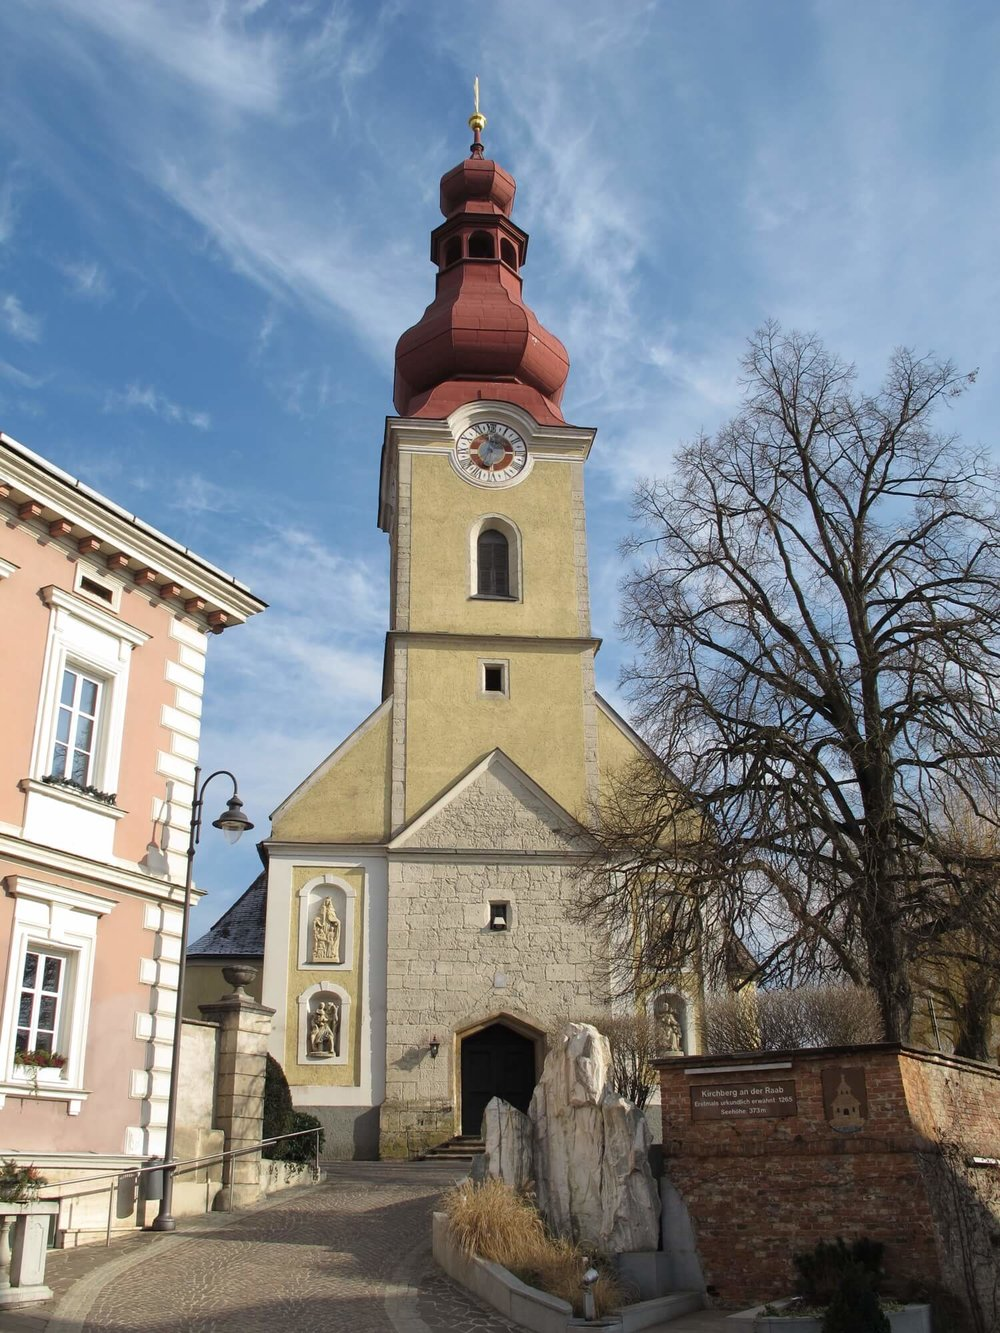 Pfarrkirche hl. Florian - Foto by Ueb-atCC BY-SA 3.0